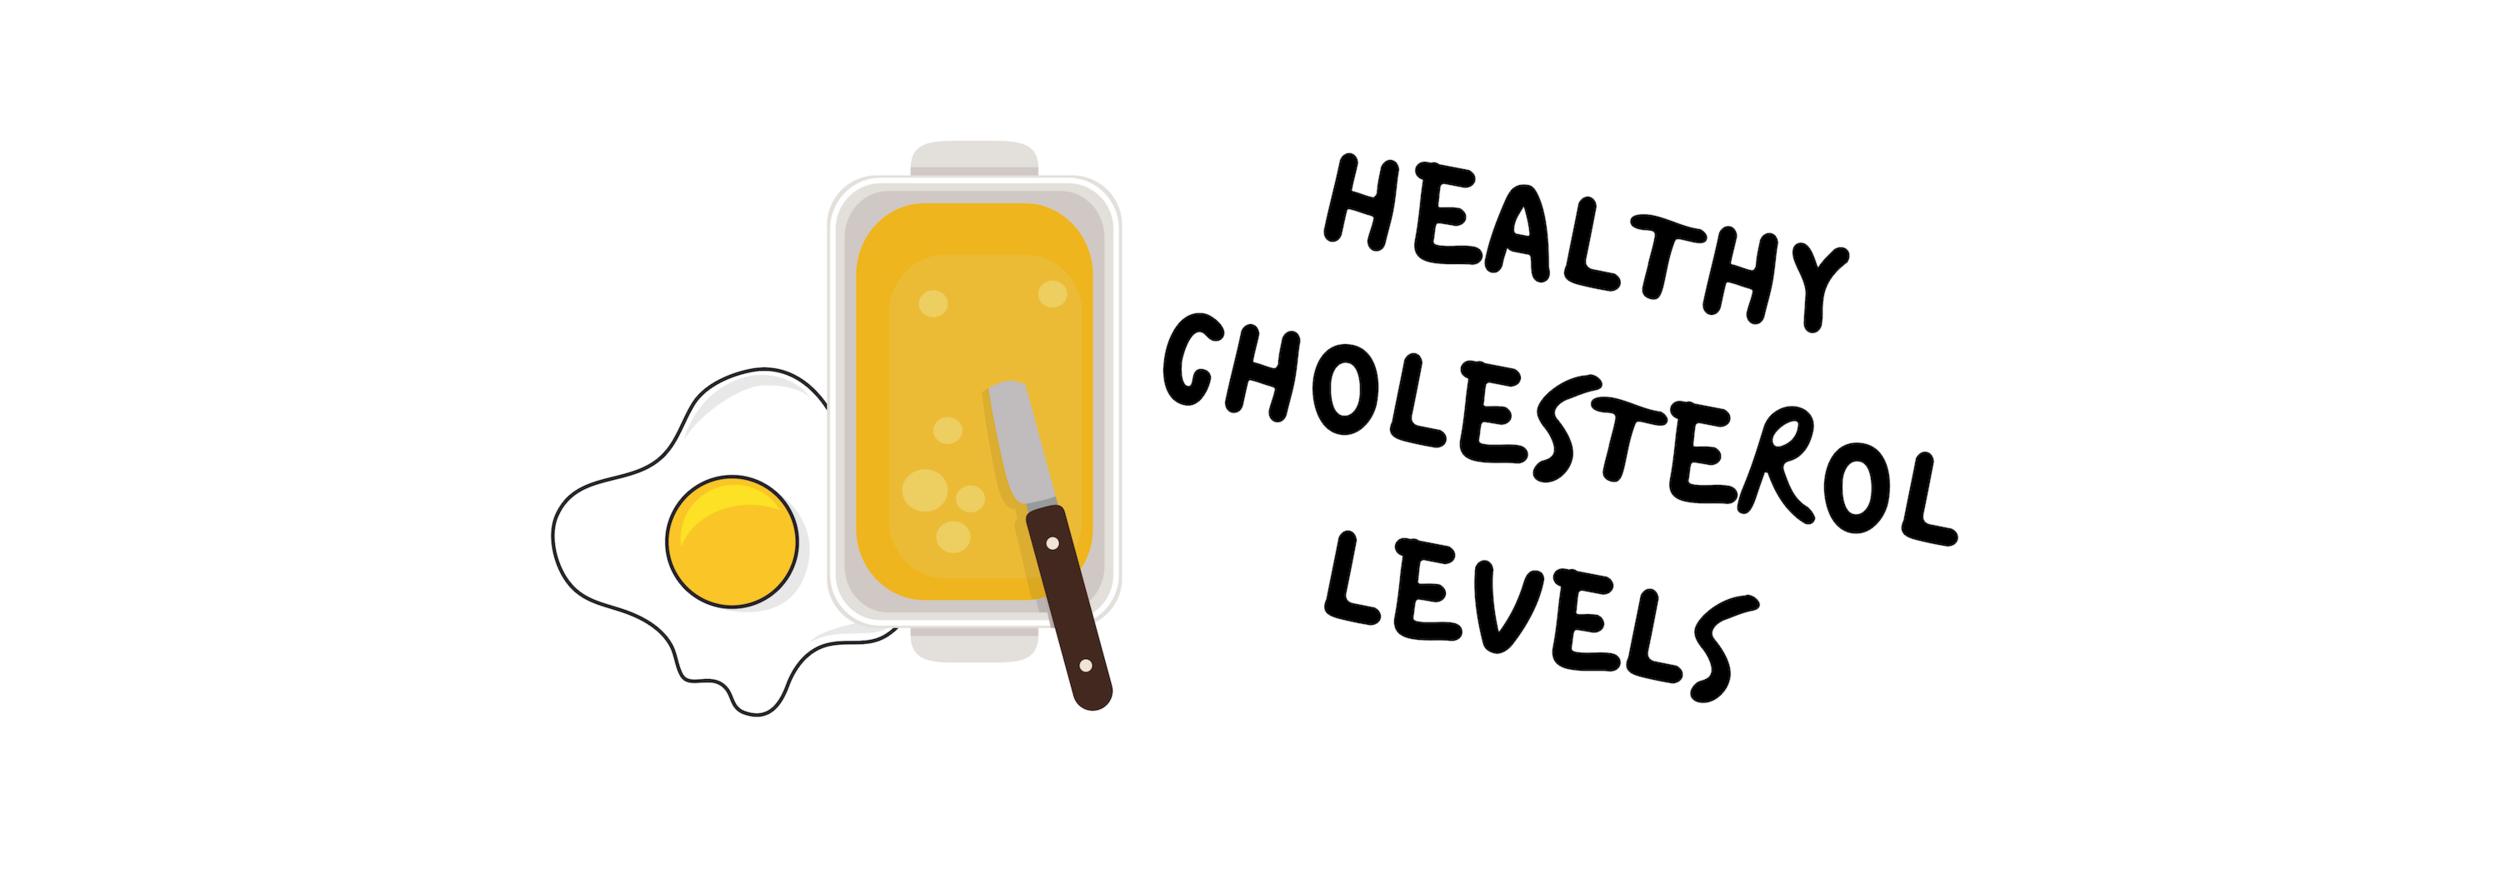 healthy-cholesterol-garcinia-cambogia.jpg